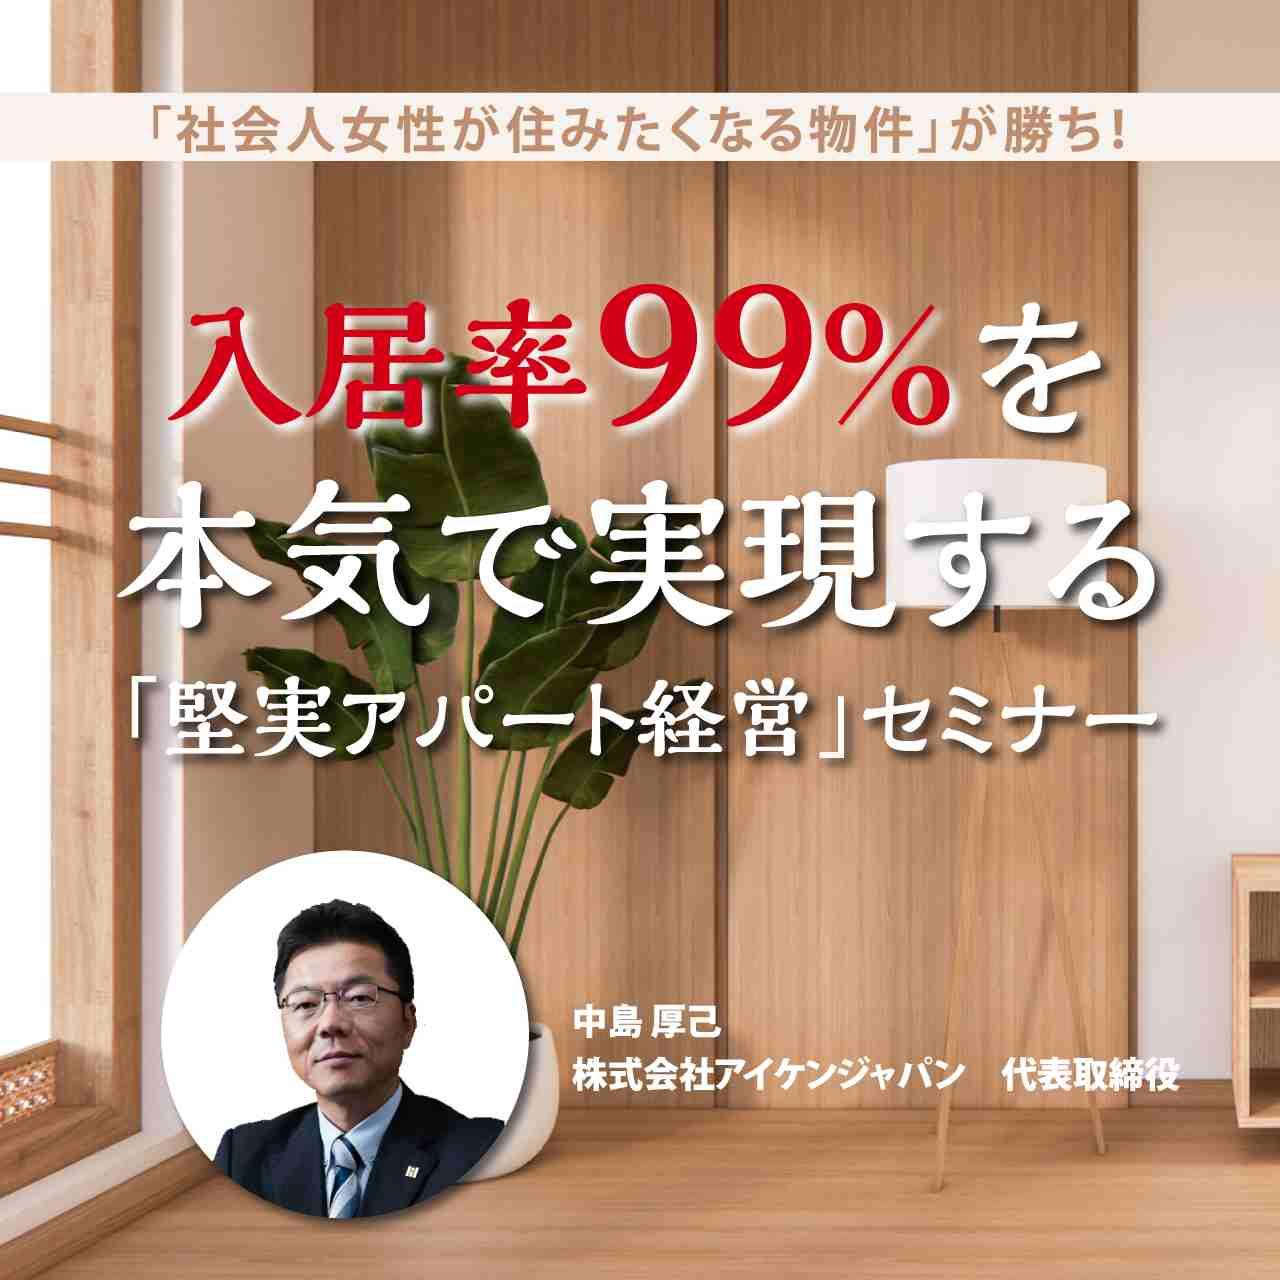 【オンライン開催(LIVE配信)】「社会人女性が住みたくなる物件」が勝ち!入居率99%を本気で実現する「堅実アパート経営」セミナー